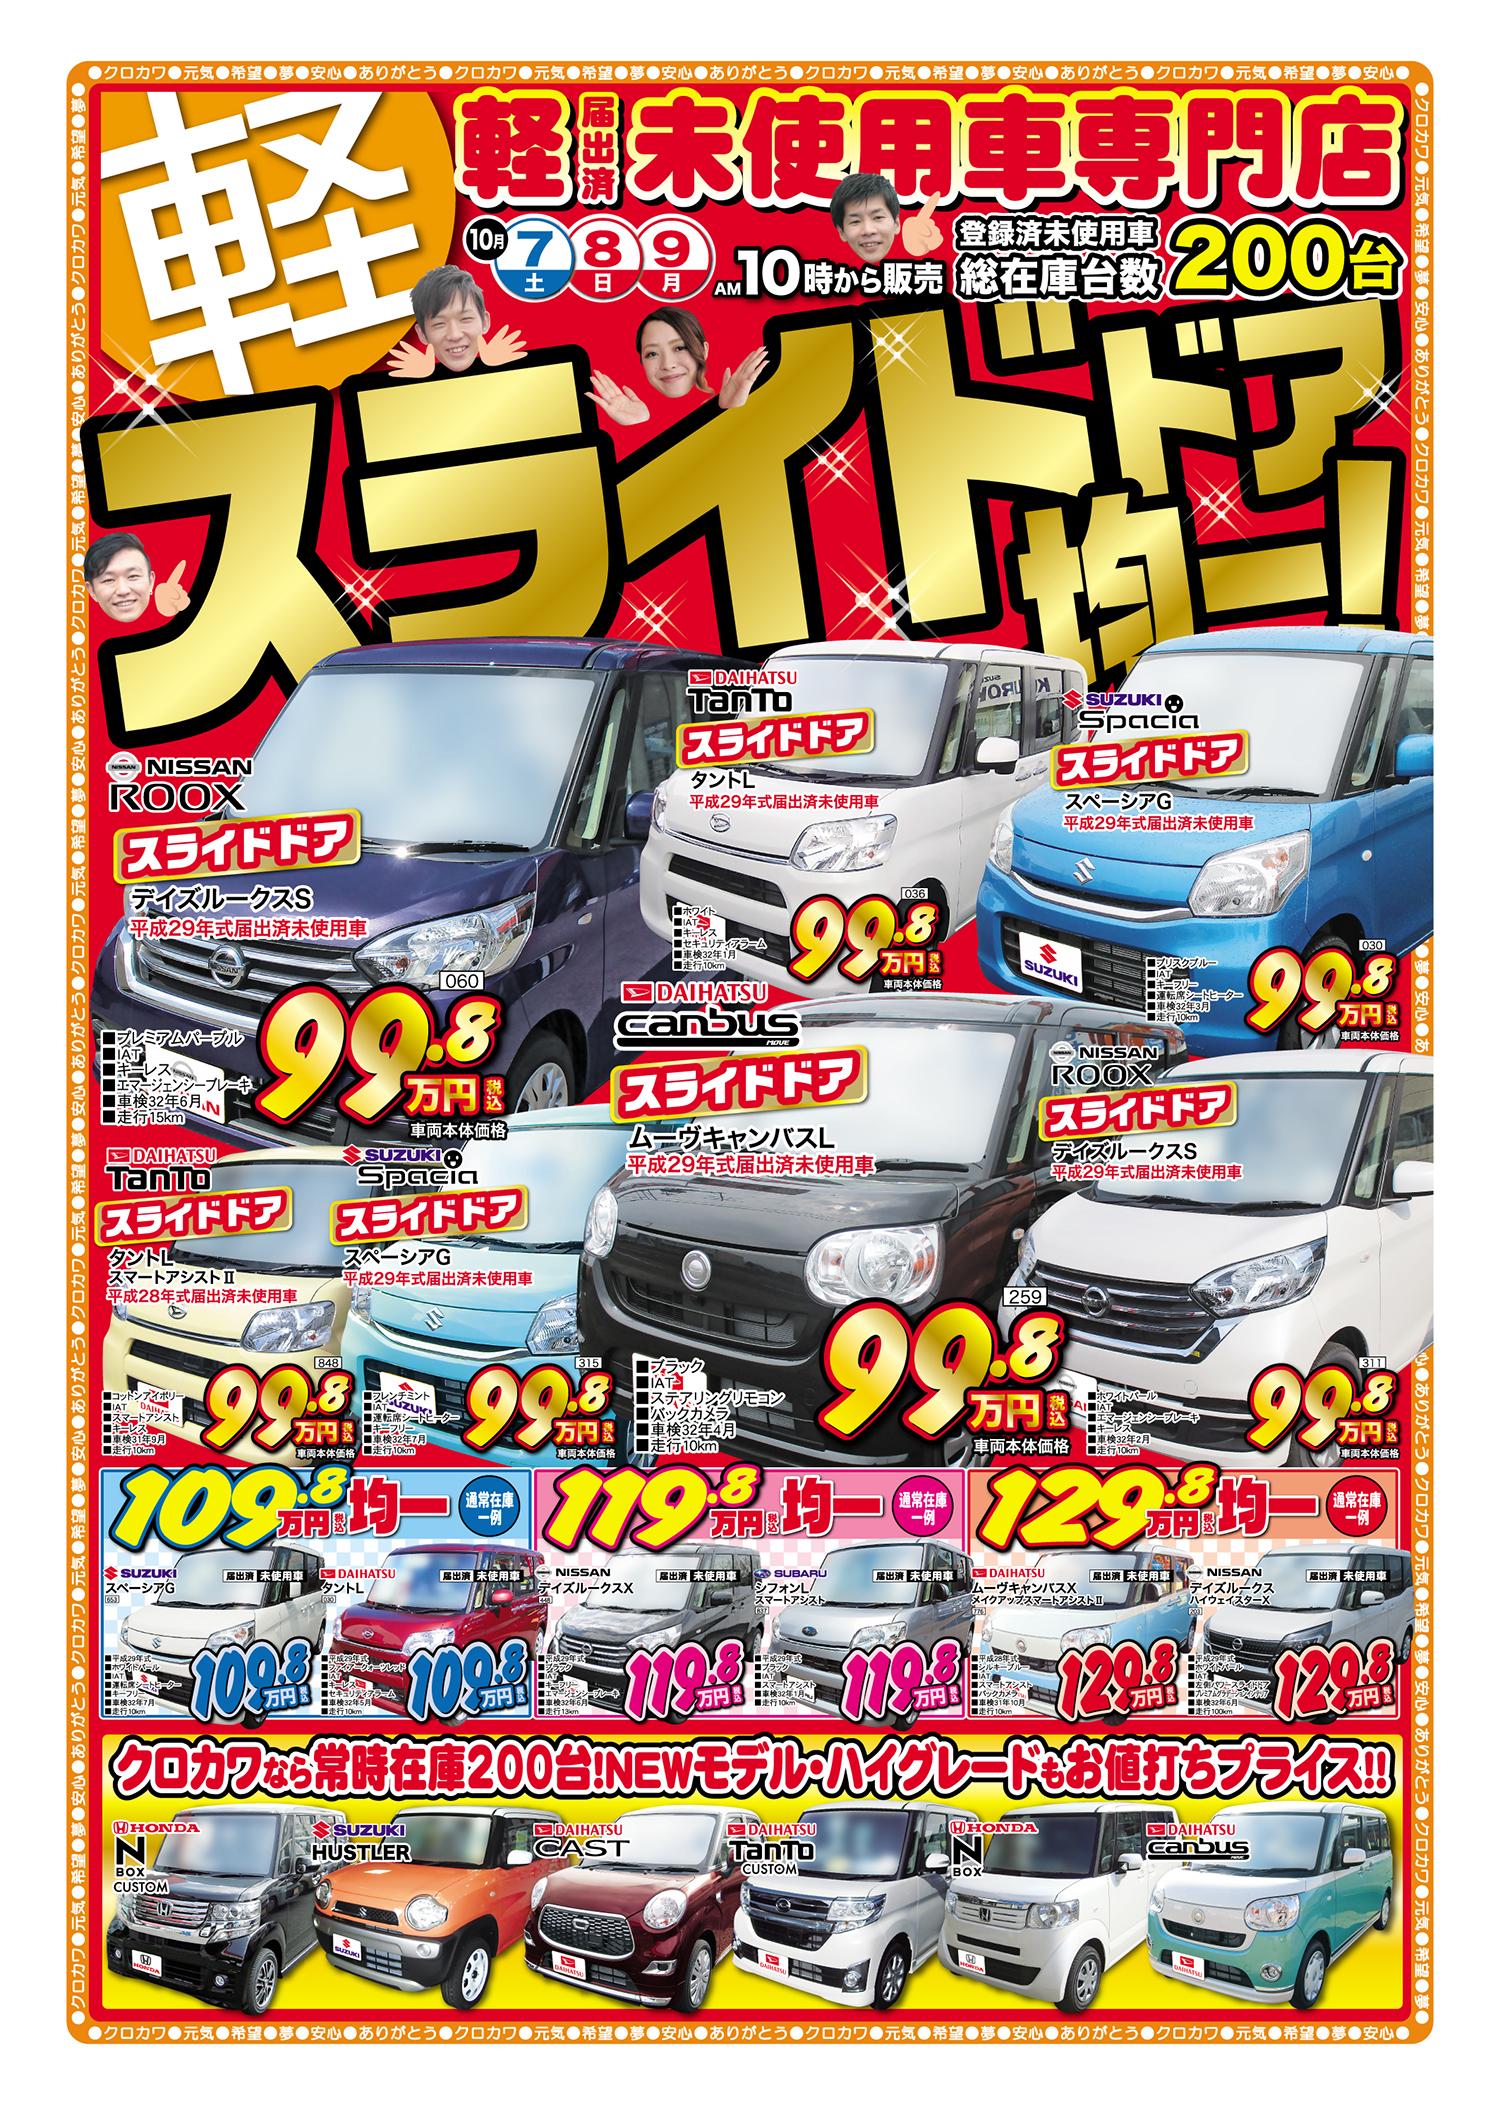 届出済未使用車が79.8万円均一!ワゴン型も!